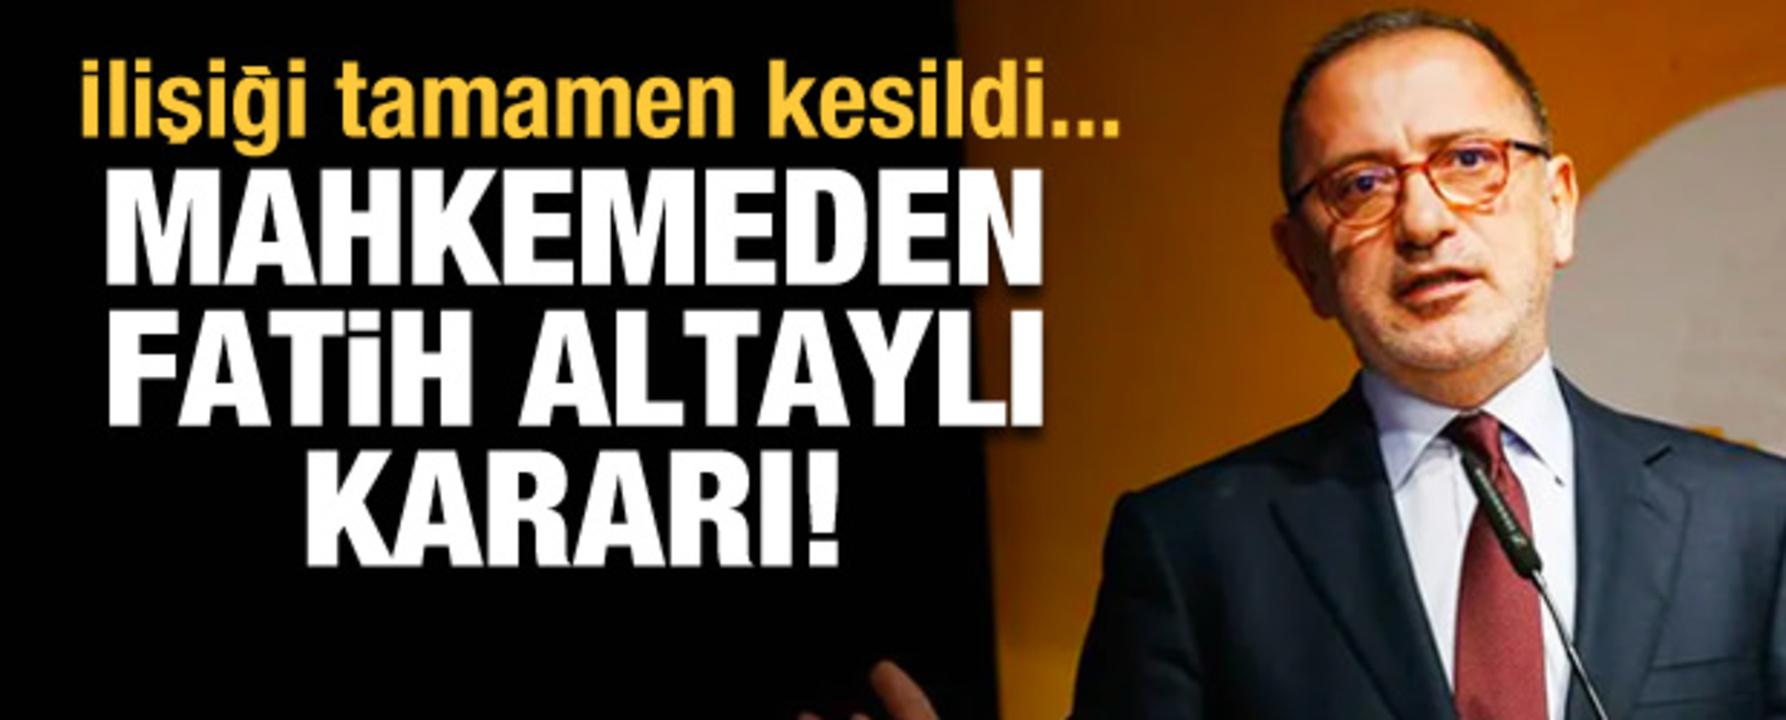 Gazeteci Fatih Altaylı'ya mahkemeden ret cevabı!